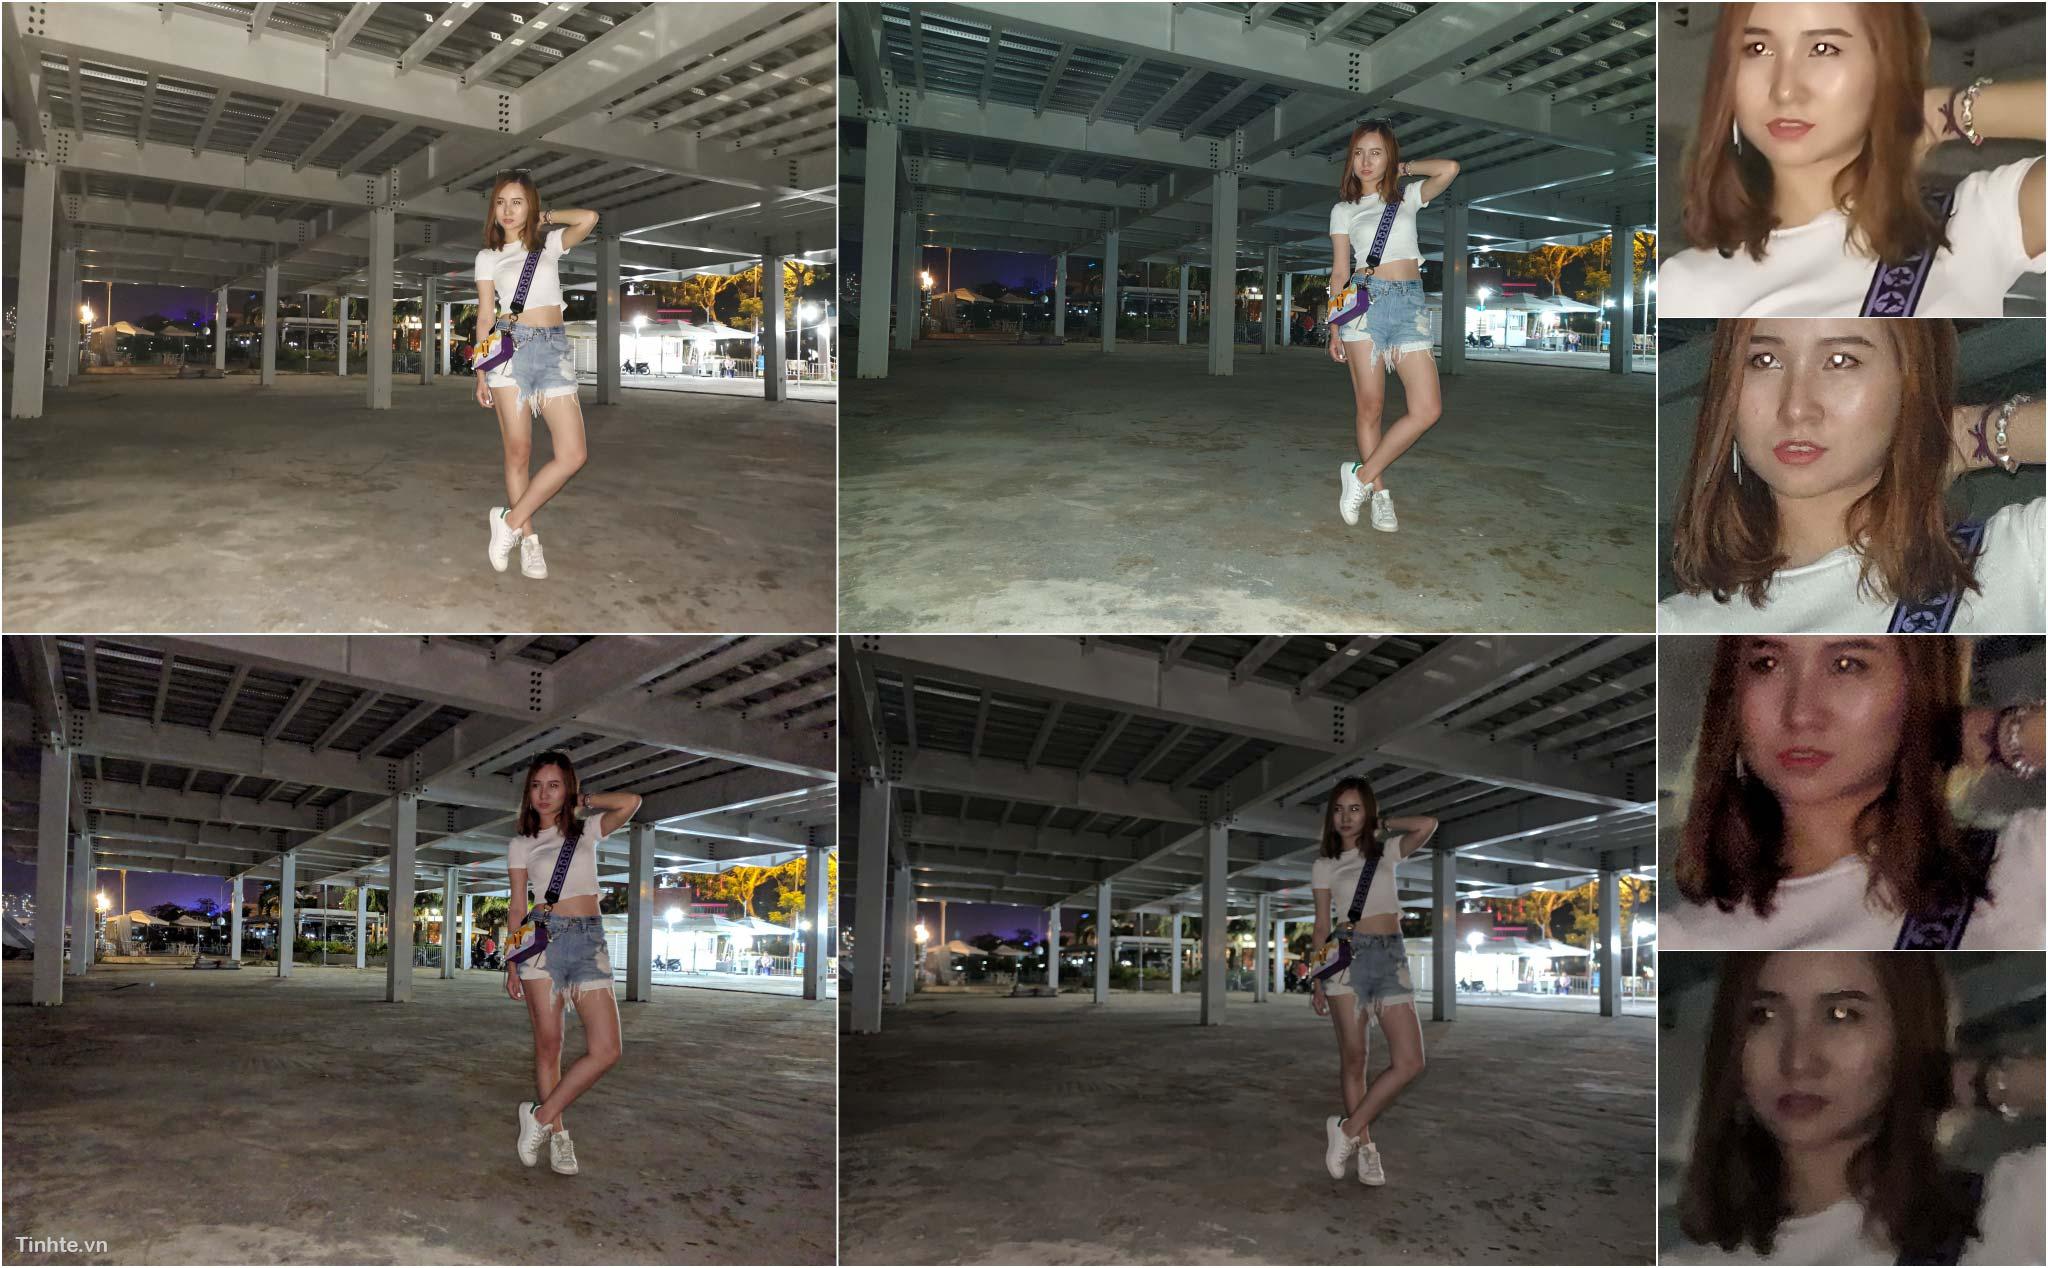 tinhte_so_sanh_anh_chup_dem_4.jpg